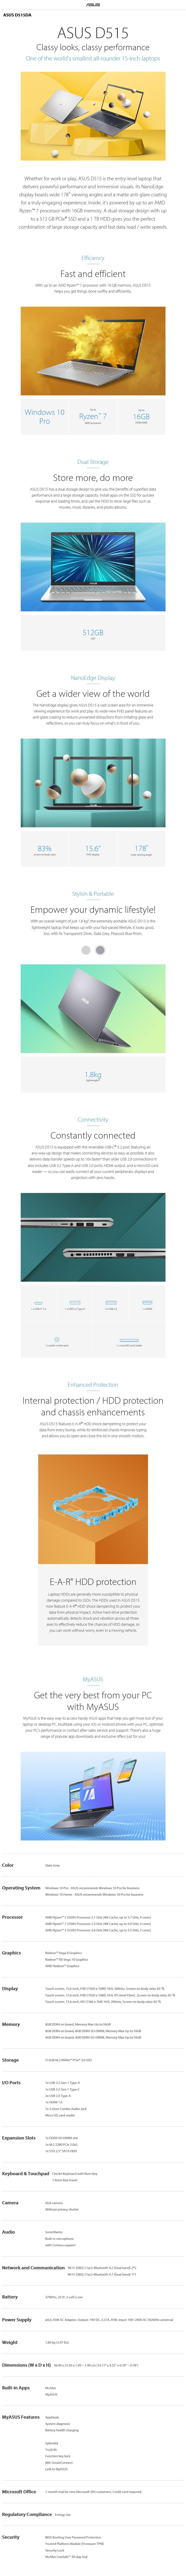 asus-d515da-156-laptop-8gb-512gb-ryzen-5-3500u-w10h-ac41487-5.jpg